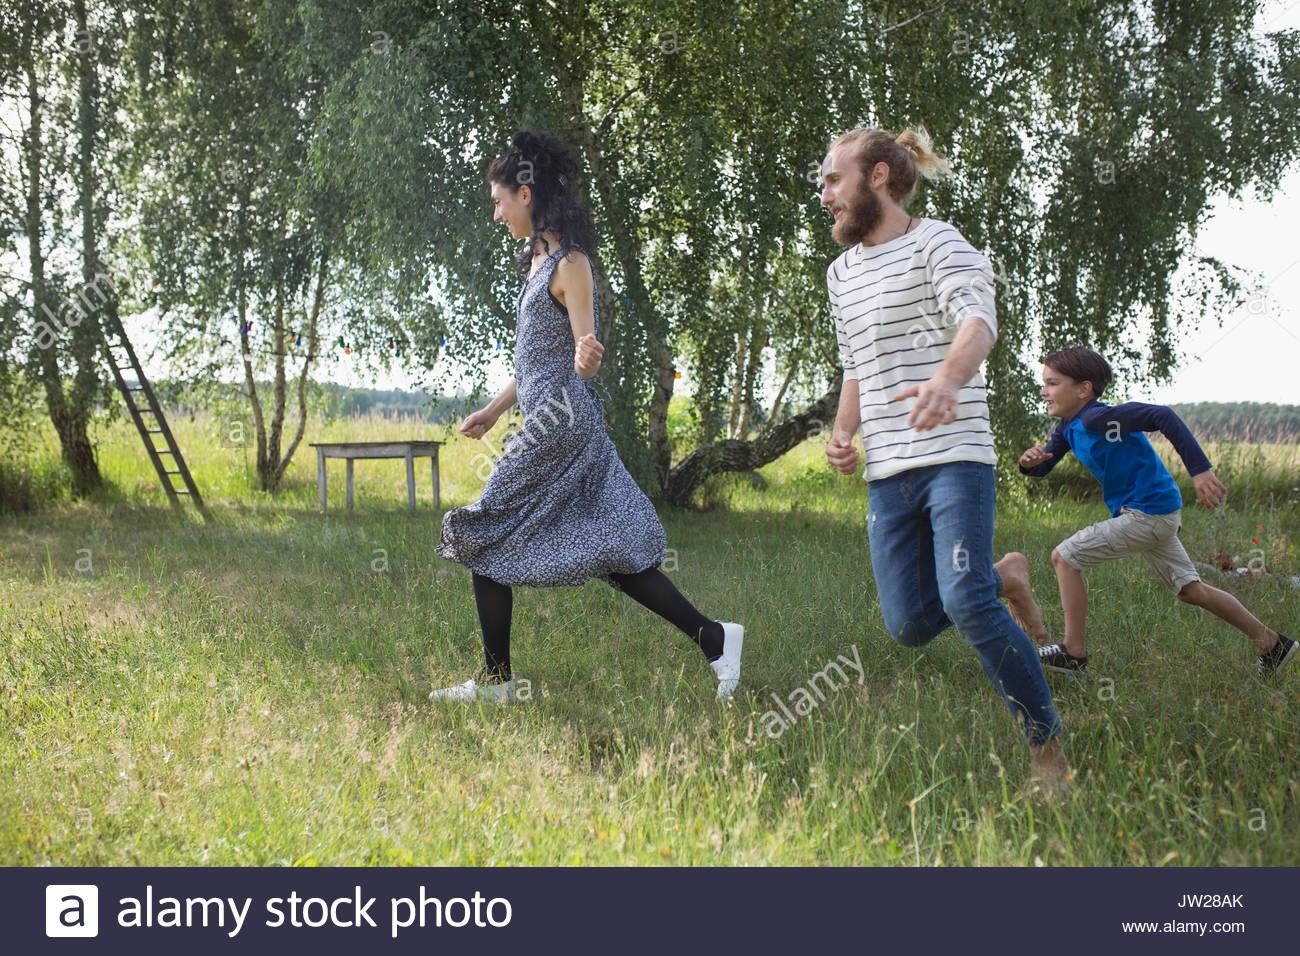 Famiglia giocoso in esecuzione nel cortile rurale Immagini Stock